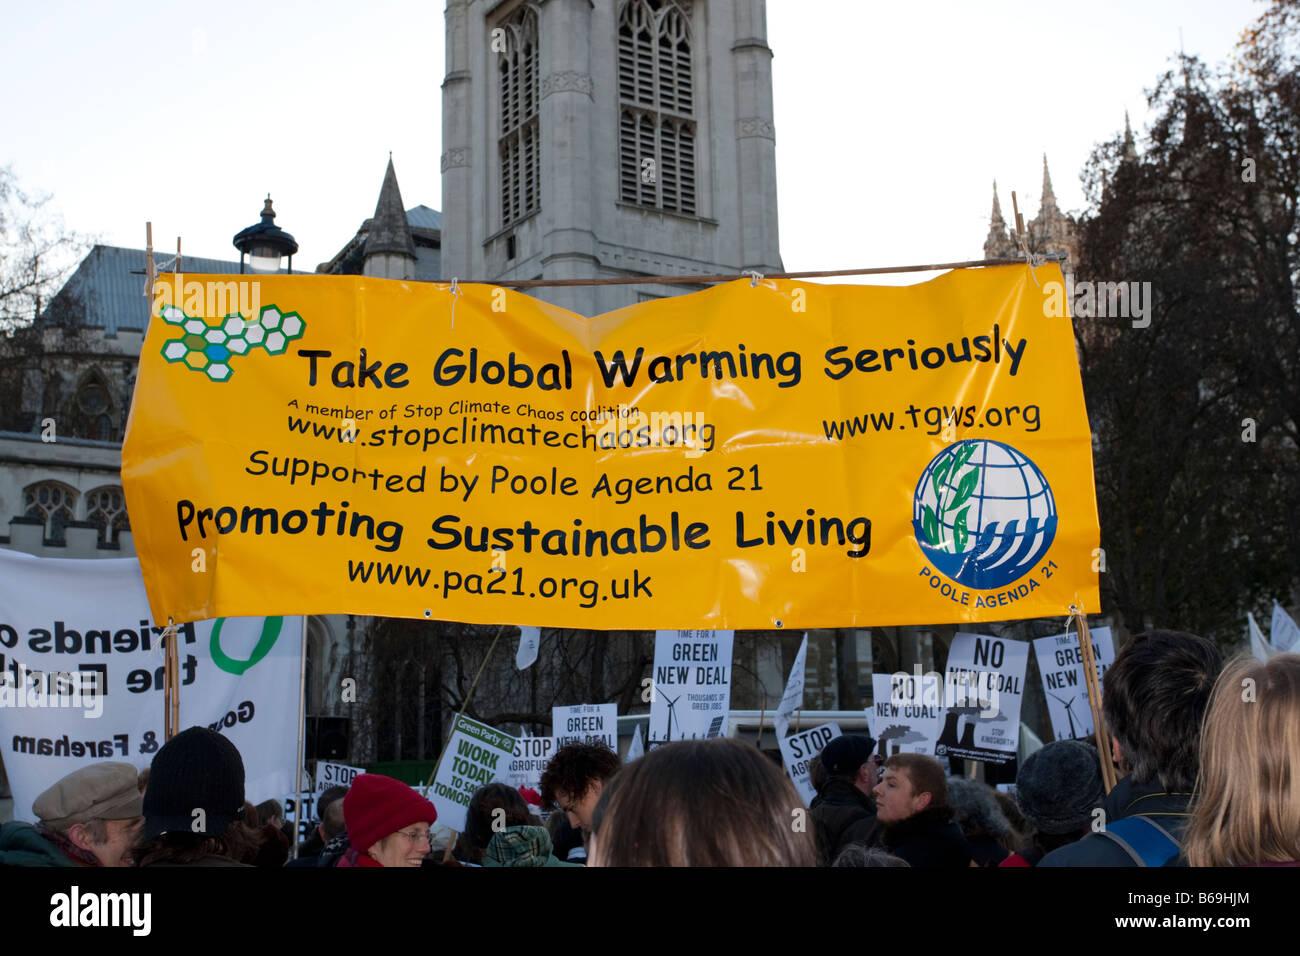 Gli attivisti di prendere il riscaldamento globale seriamente banner sul Cambiamento Climatico marzo Londra Dicembre Immagini Stock